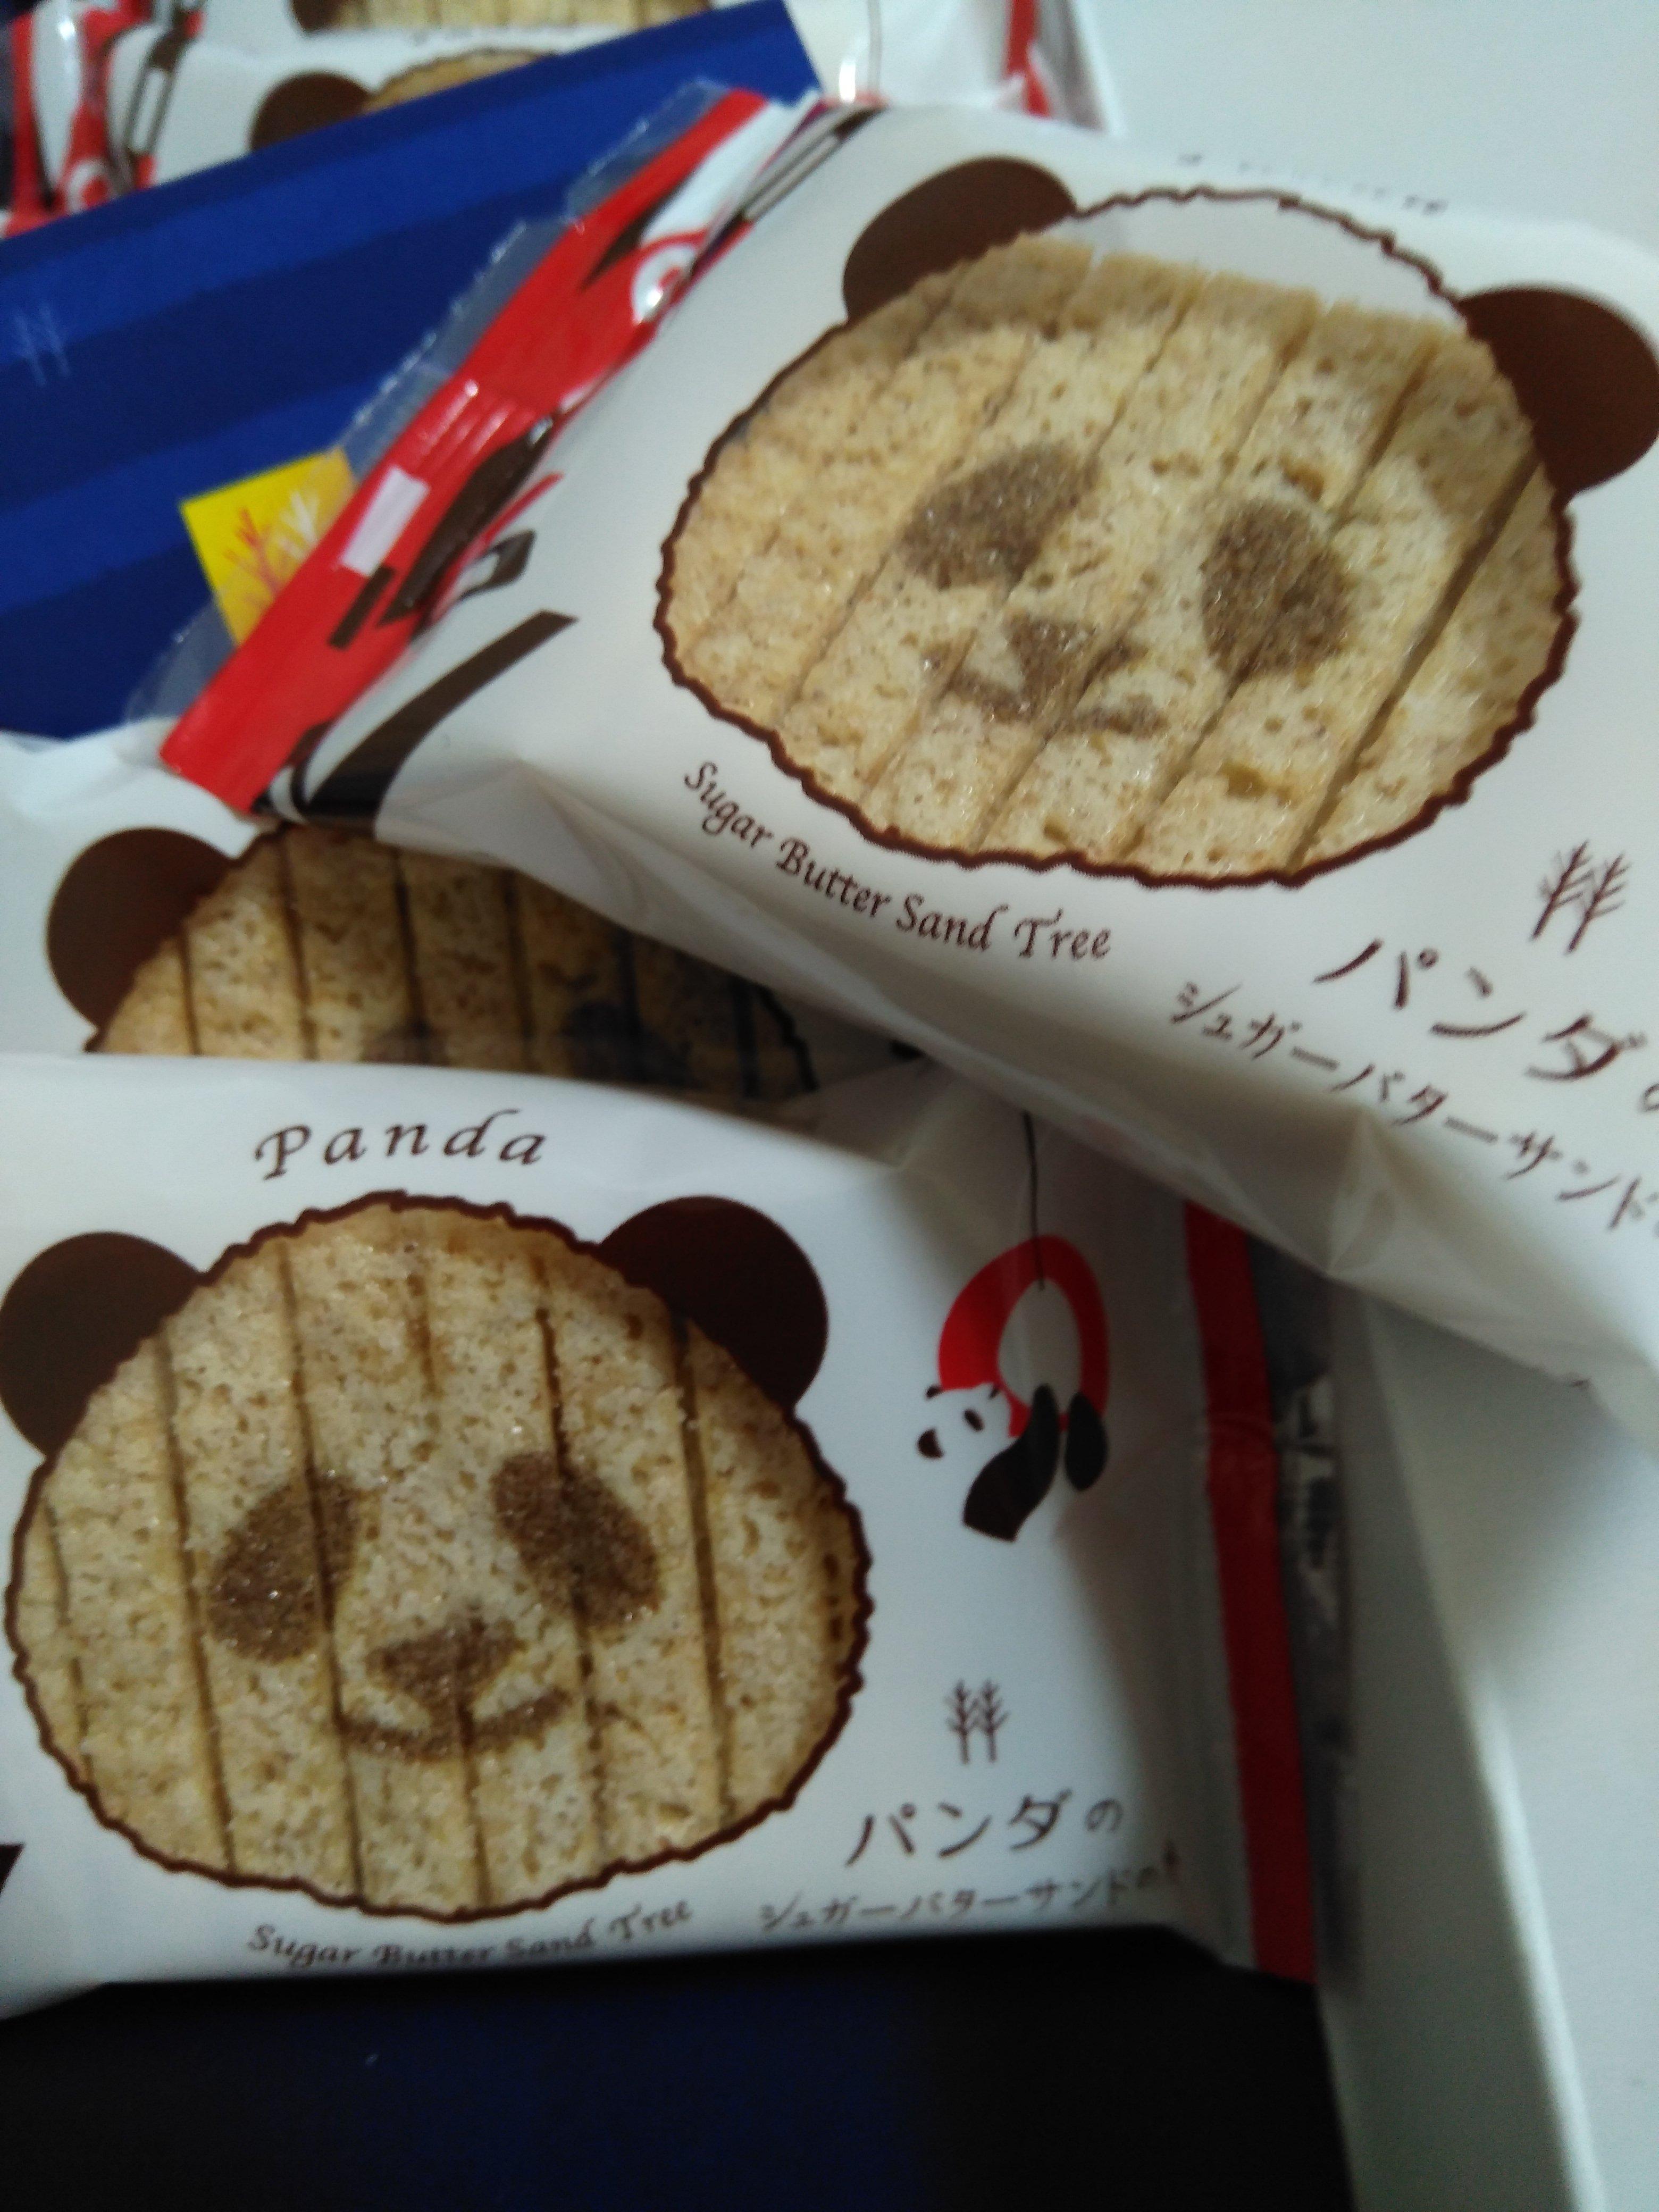 シュガーバターの木_パンダ